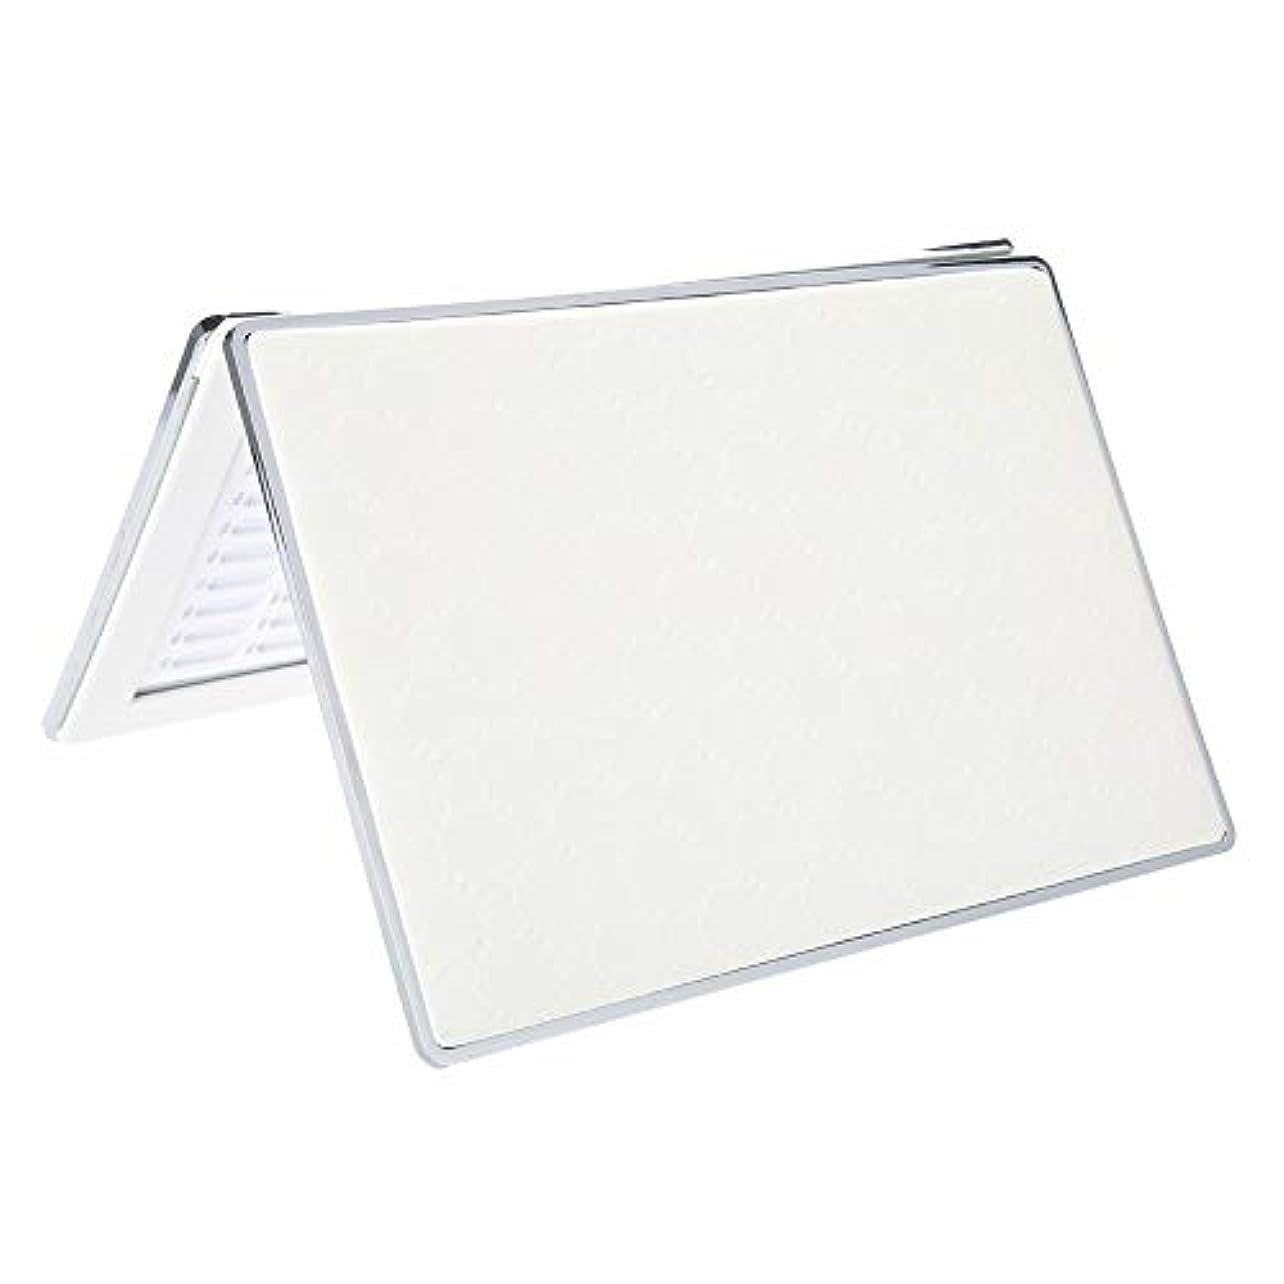 エッセイグラフ熟考するネイルアートディスプレイ 160色 ディスプレイスタンド プラスチック板 ネイルポリッシュカラー ディスプレイ サロン アクセサリー(03)